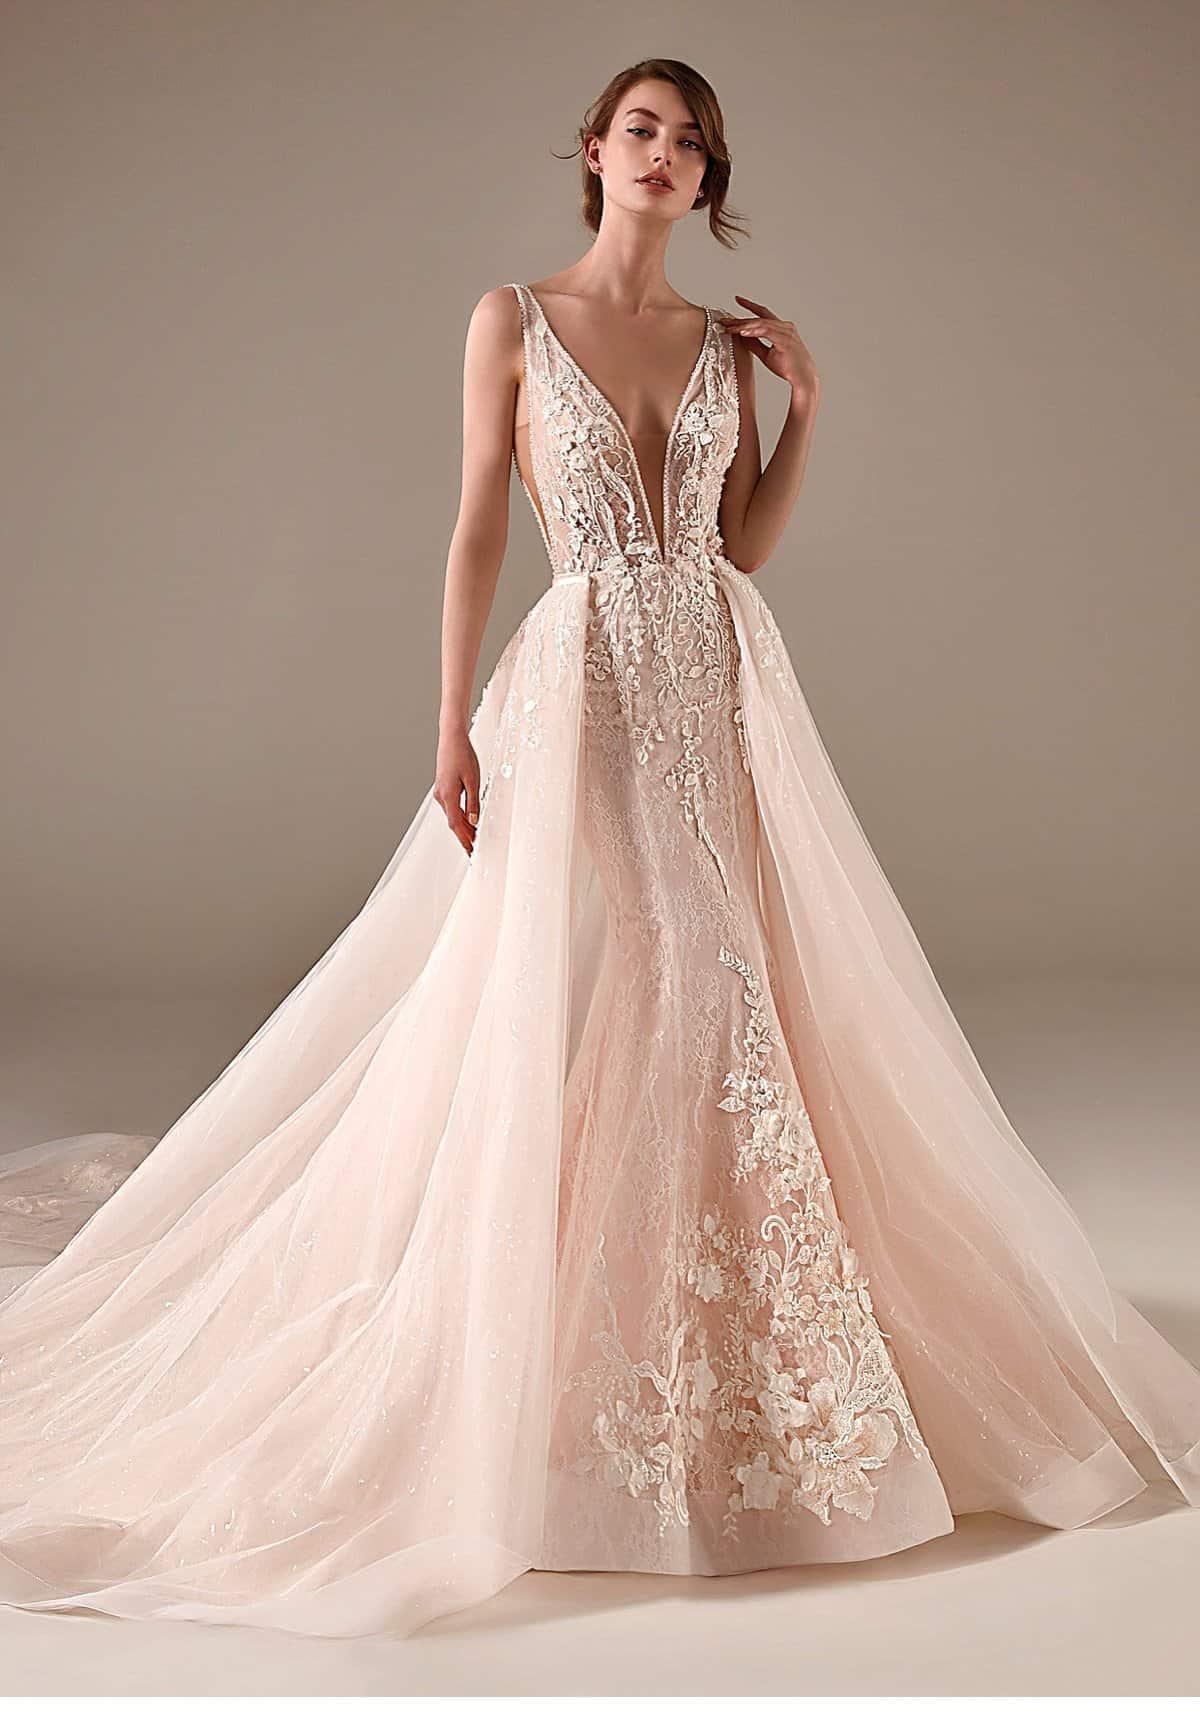 Pronovias Riada Sample Wedding Dress Save 53% - Stillwhite